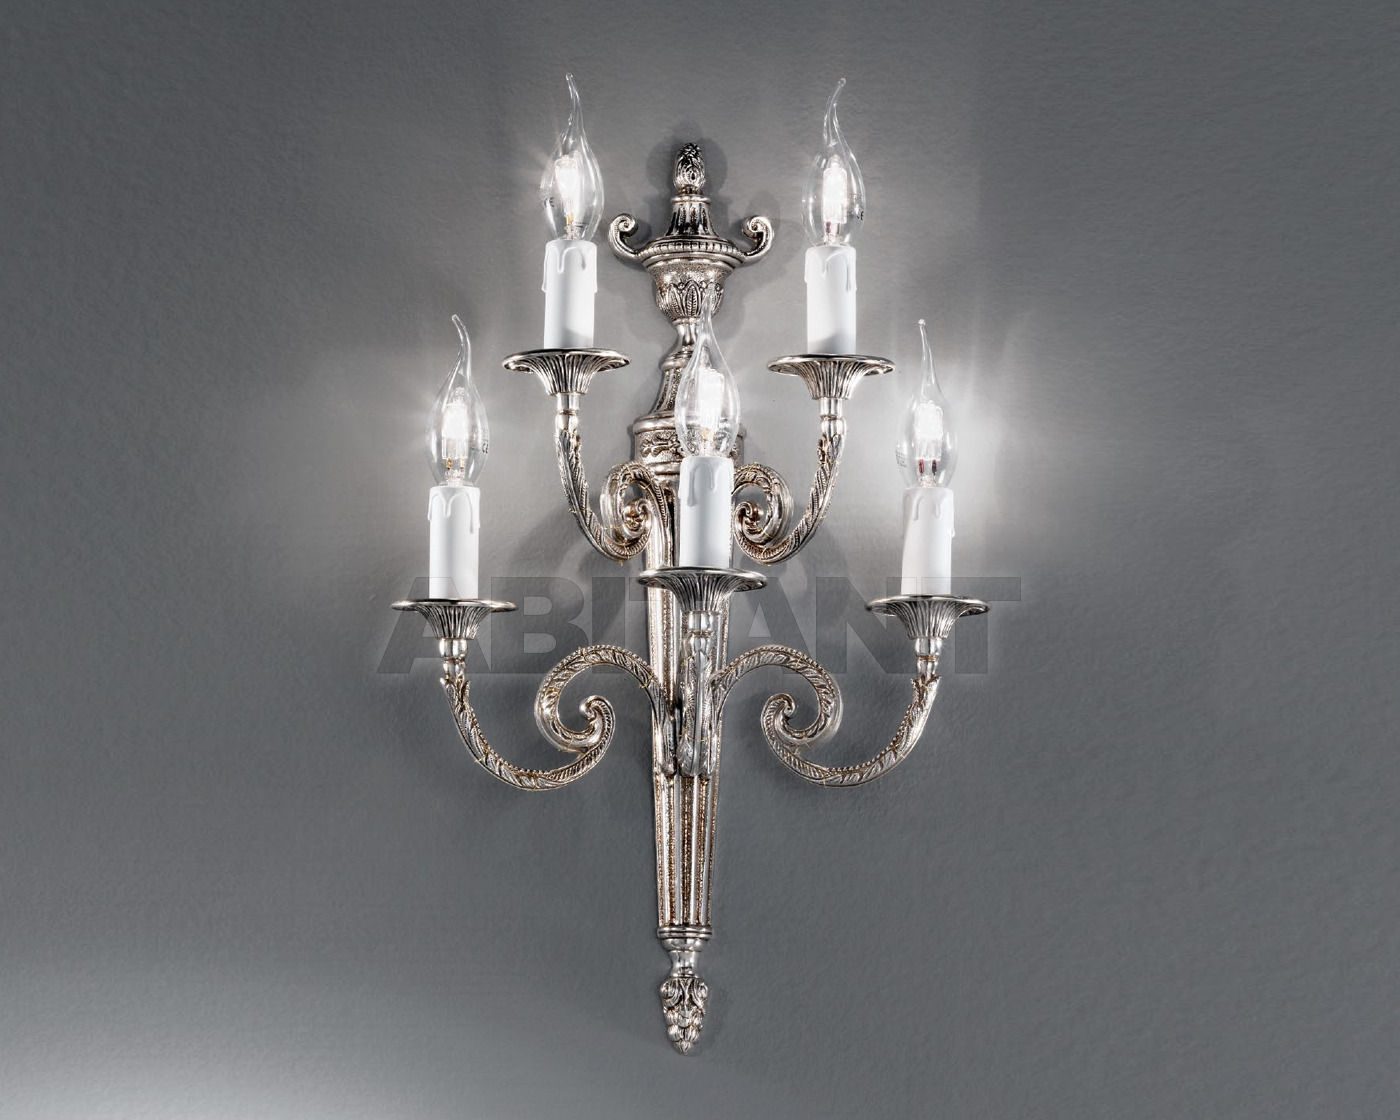 Купить Светильник настенный Nervilamp Snc Nervilamp 2013 A8/5